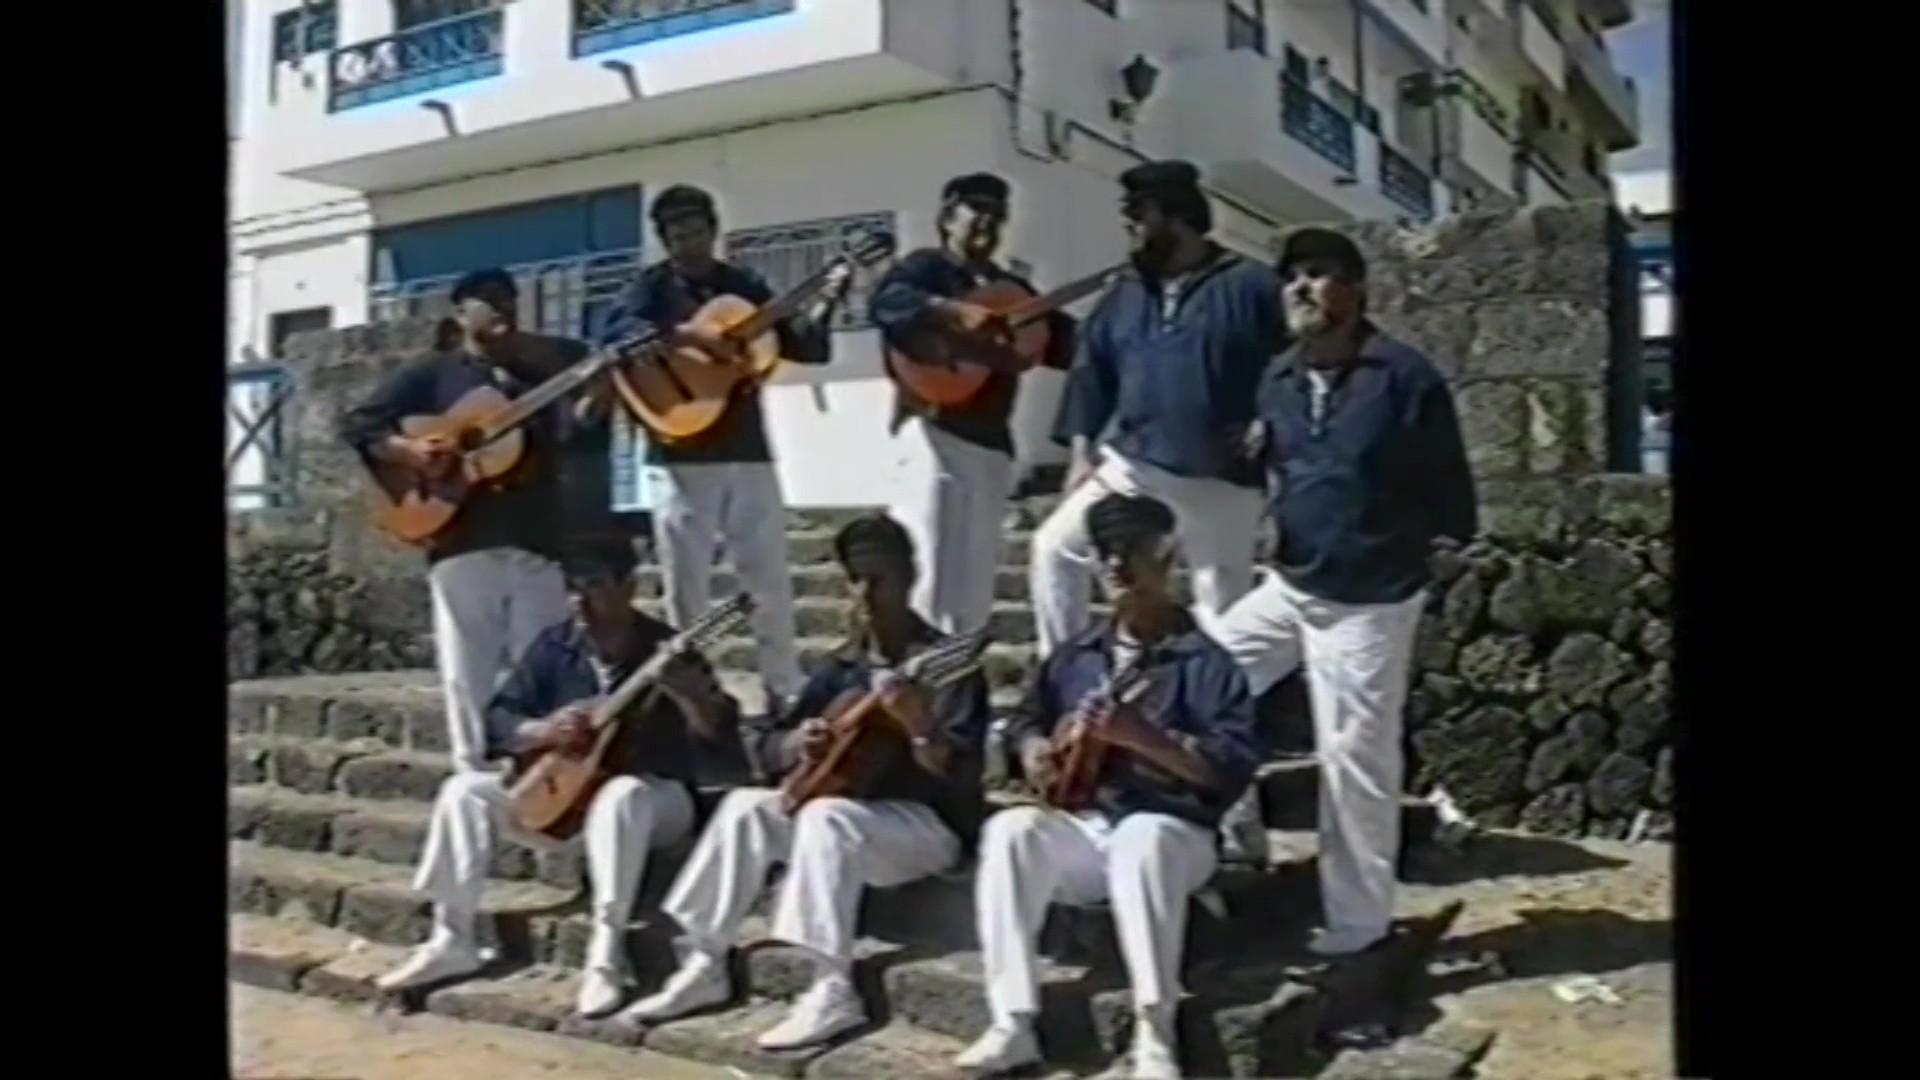 Grupo Amigos de Portonao (1990)